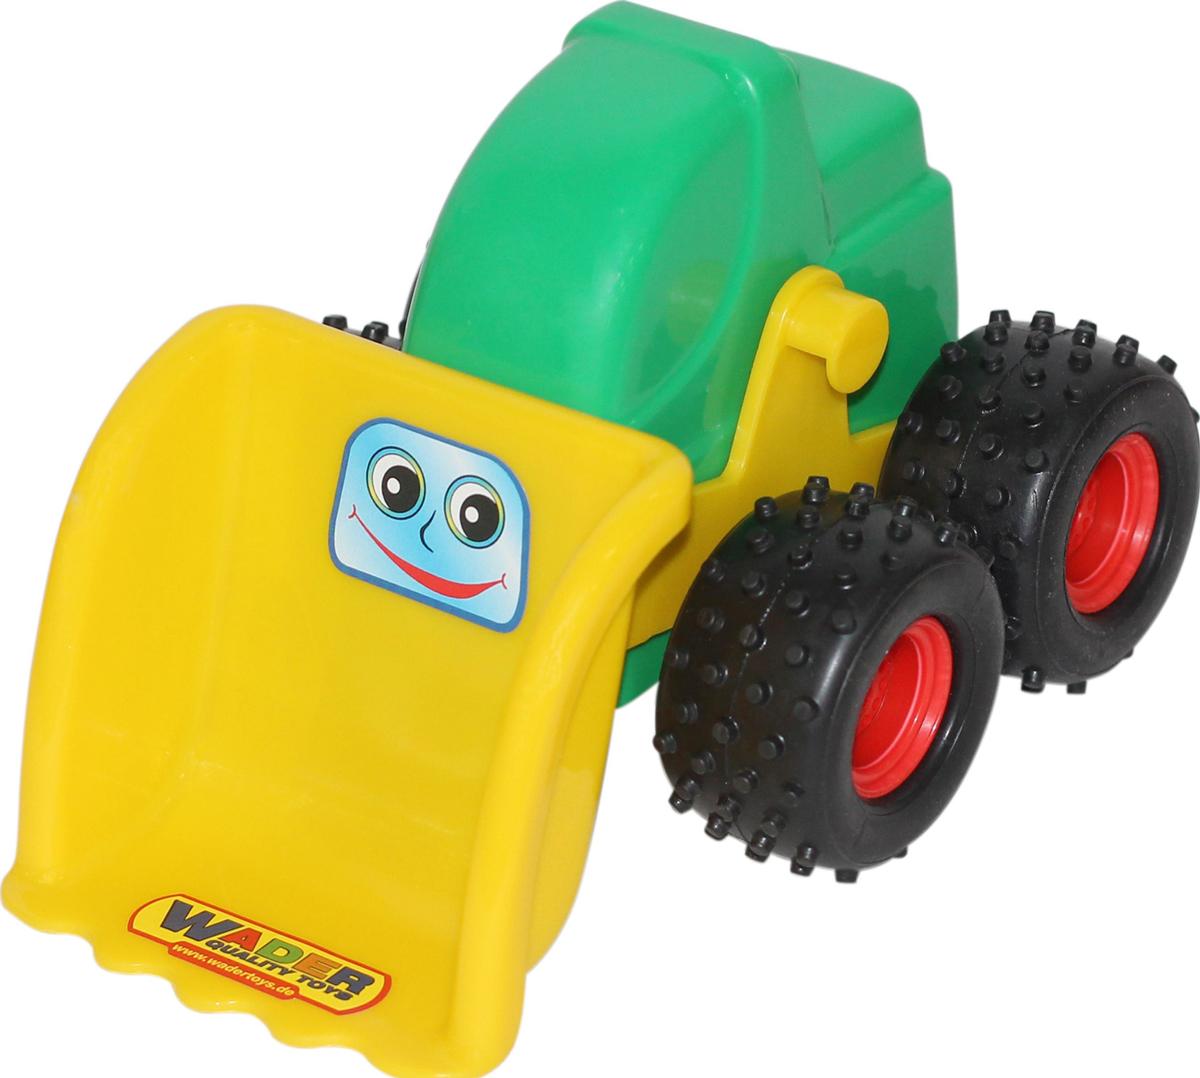 Полесье Трактор-погрузчик Чип, цвет в ассортименте трактор полесье трактор погрузчик умелец оранжевый 159238